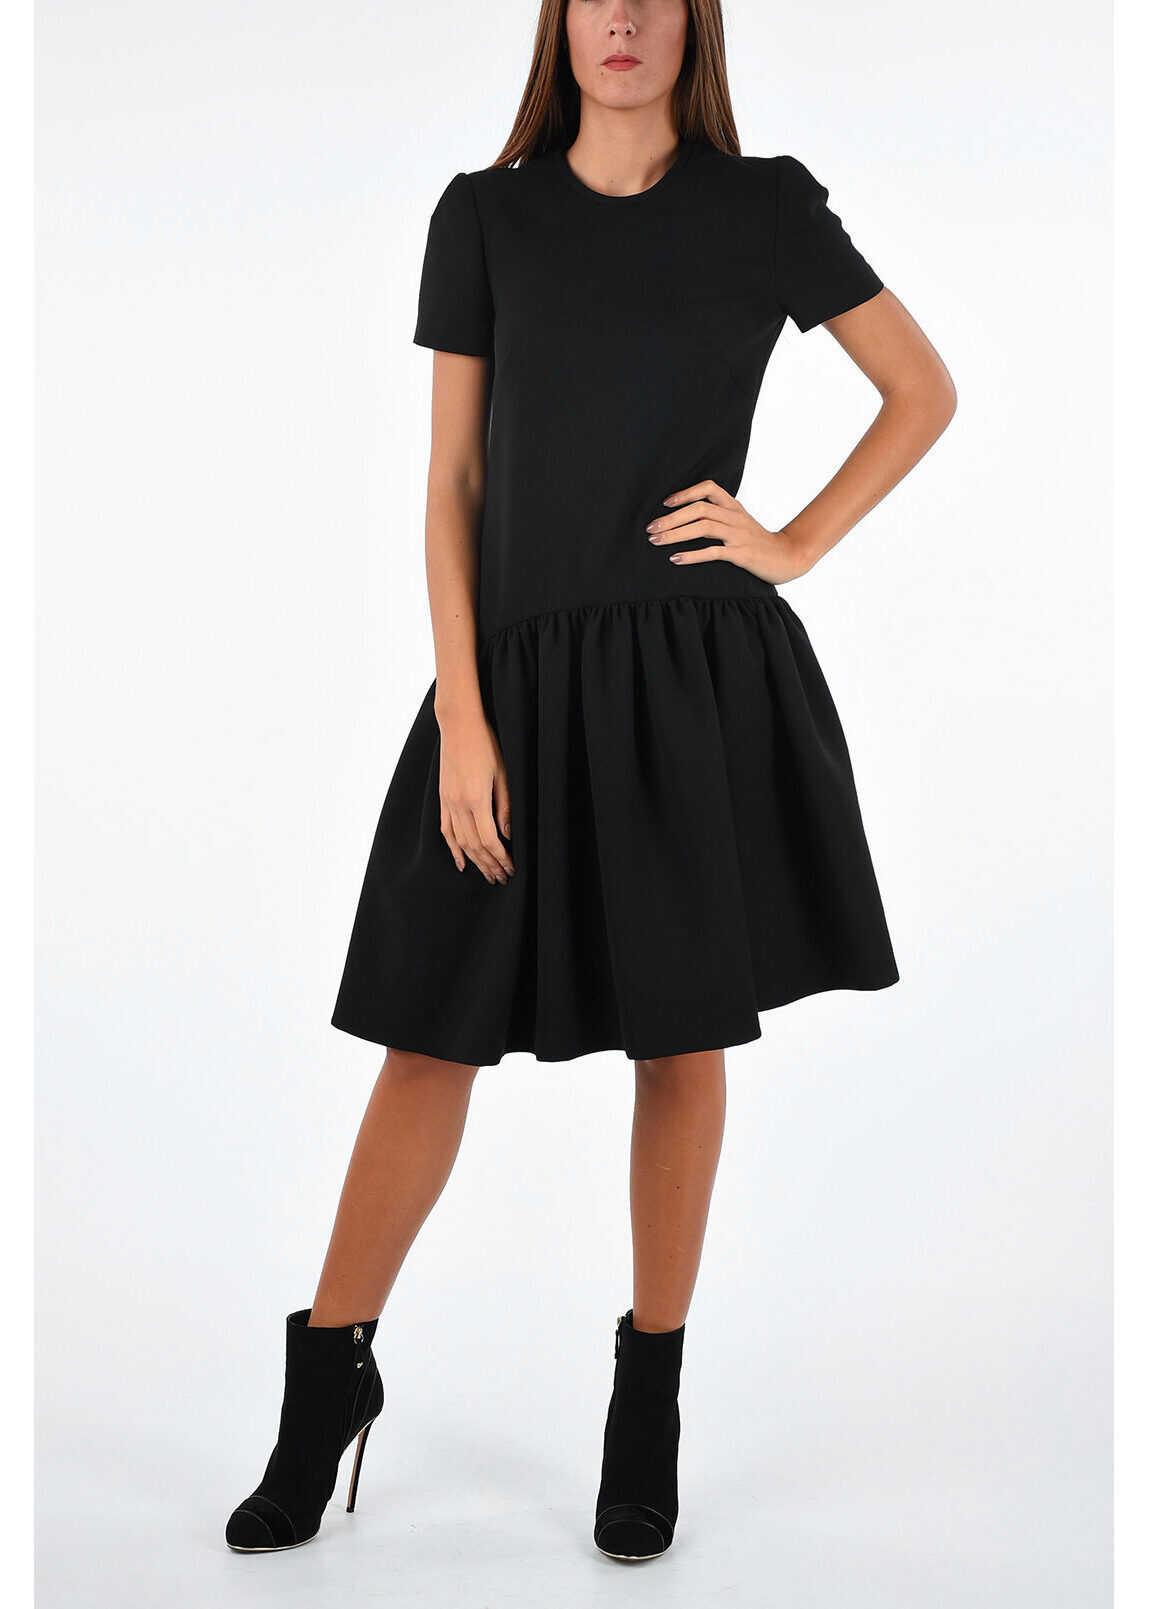 Alexander McQueen Drop Waist Dress BLACK